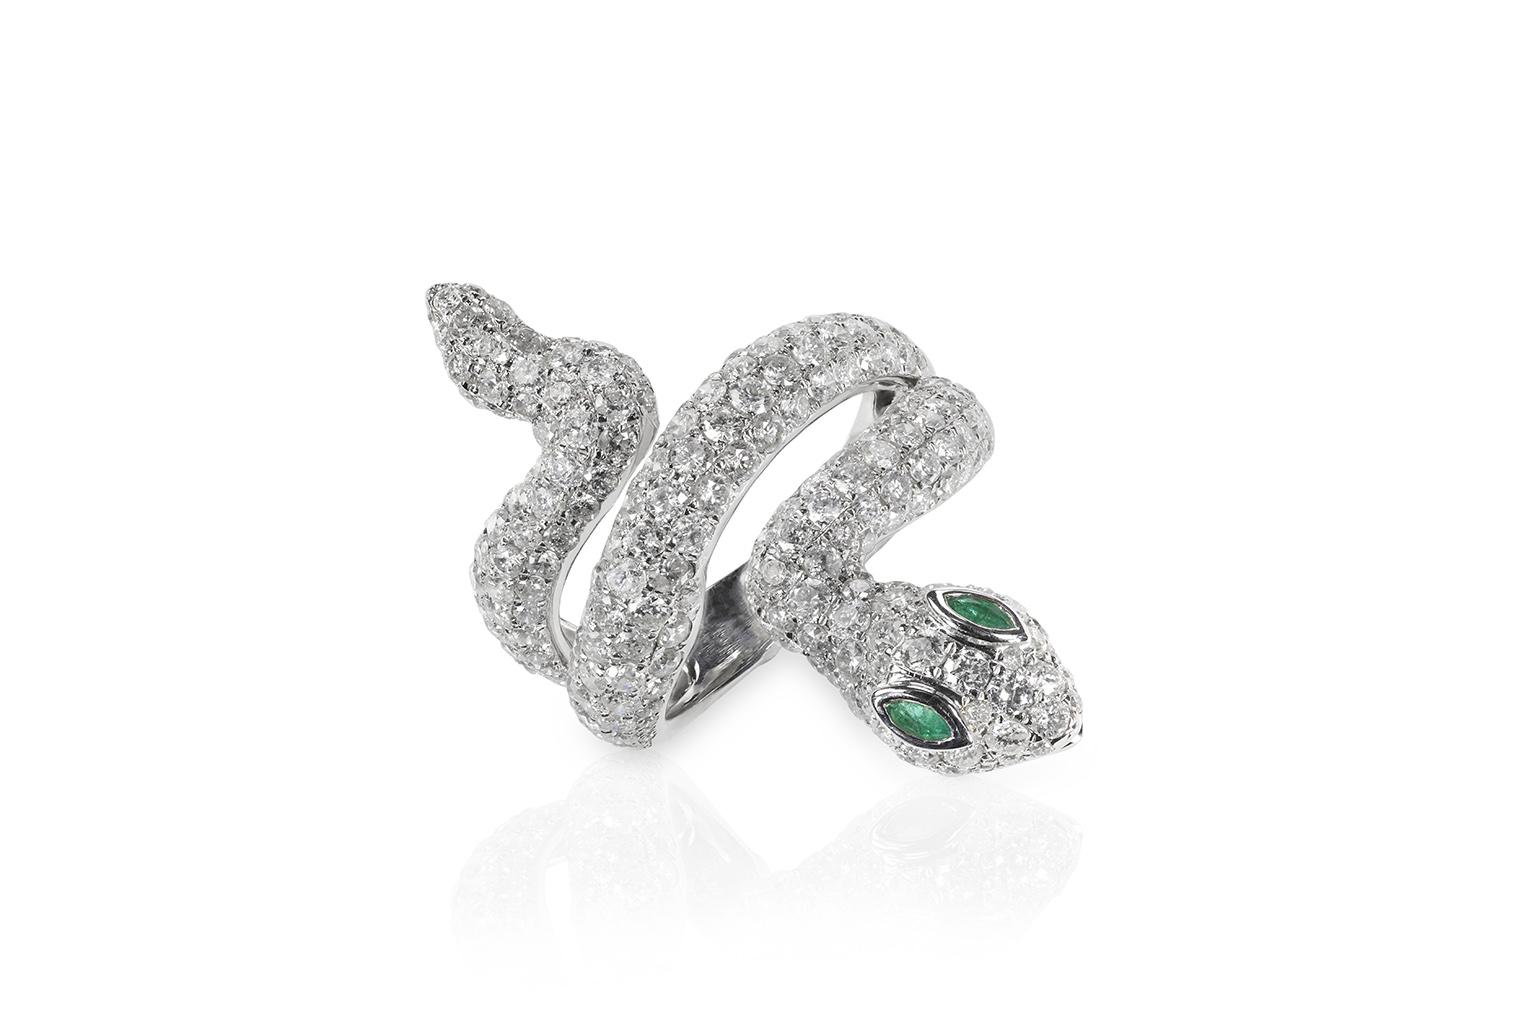 Anillo en forma de serpiente con diamantes incrustados con dos ojos en forma de esmeraldas, anillos de compromiso únicos y muy originales